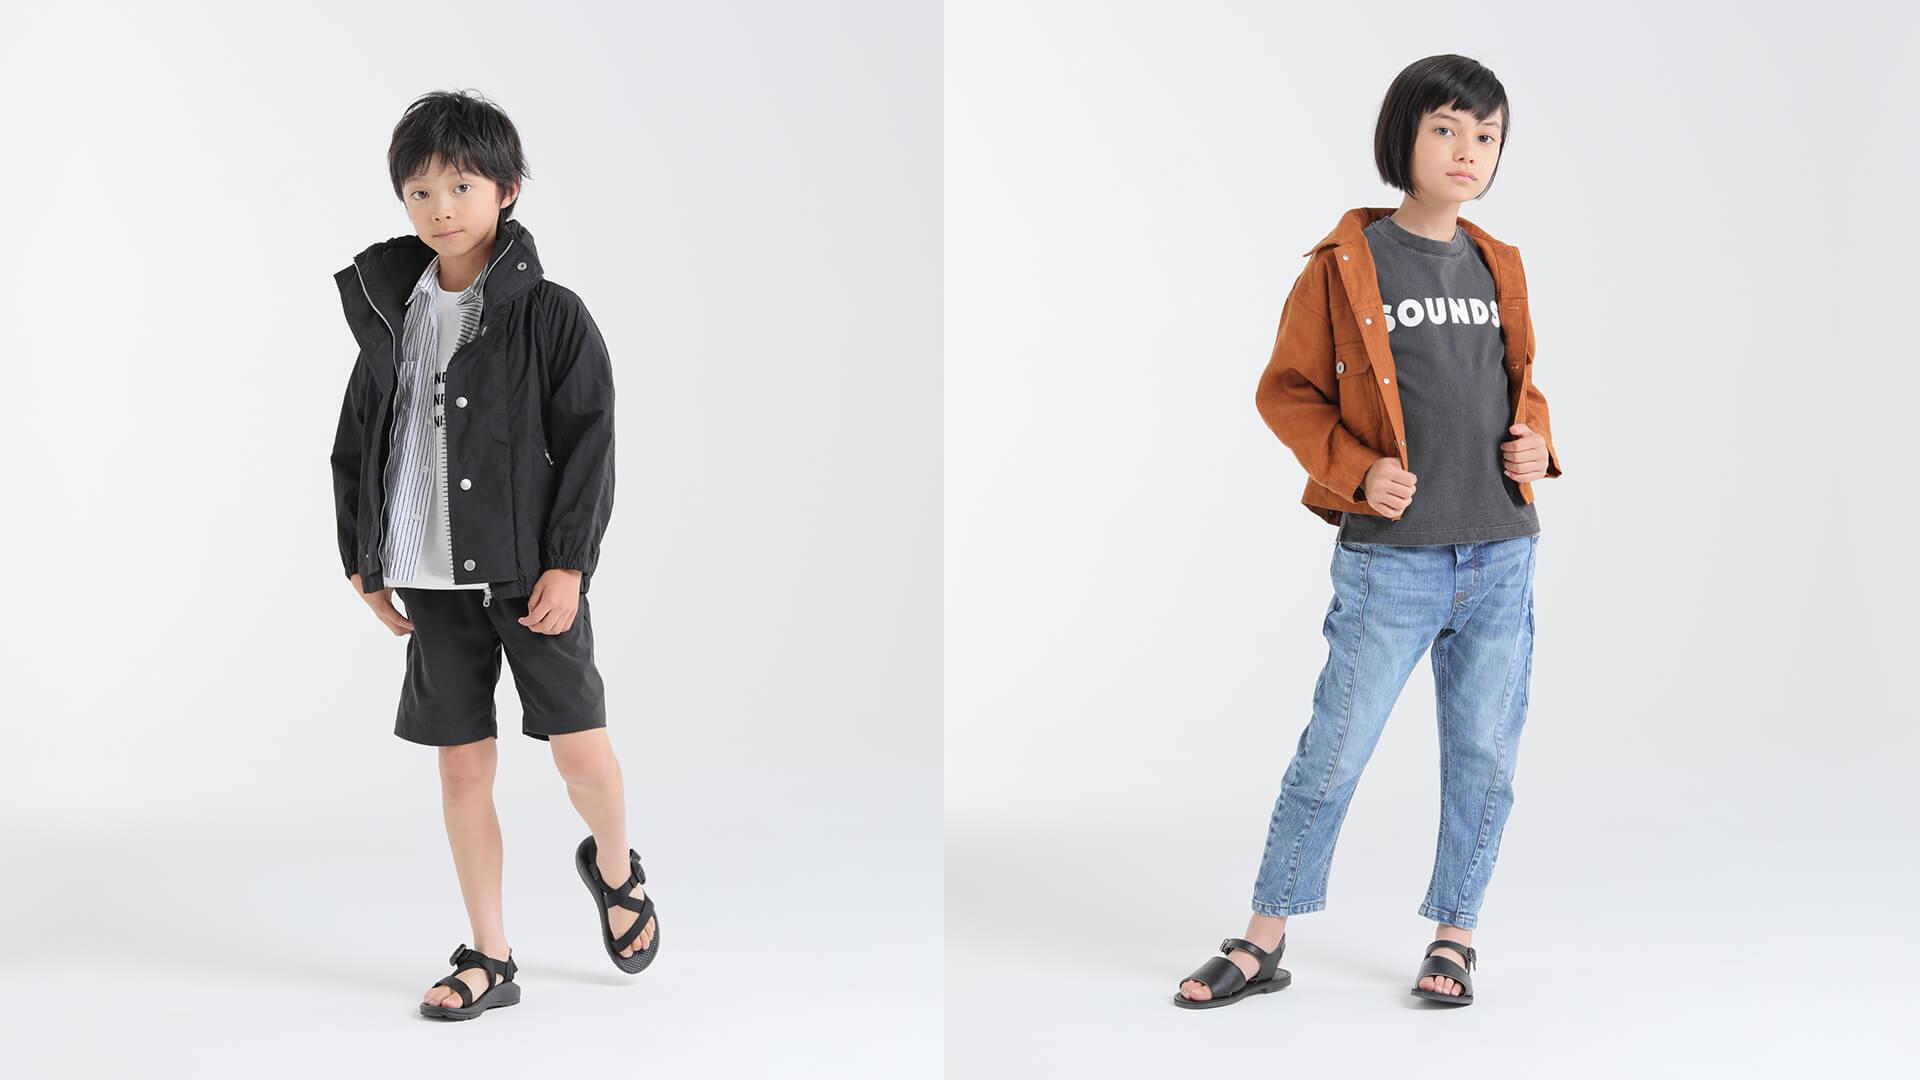 子供から大人まで、マルチサイズで楽しめる洋服の販売!【新宿伊勢丹】のカバー写真